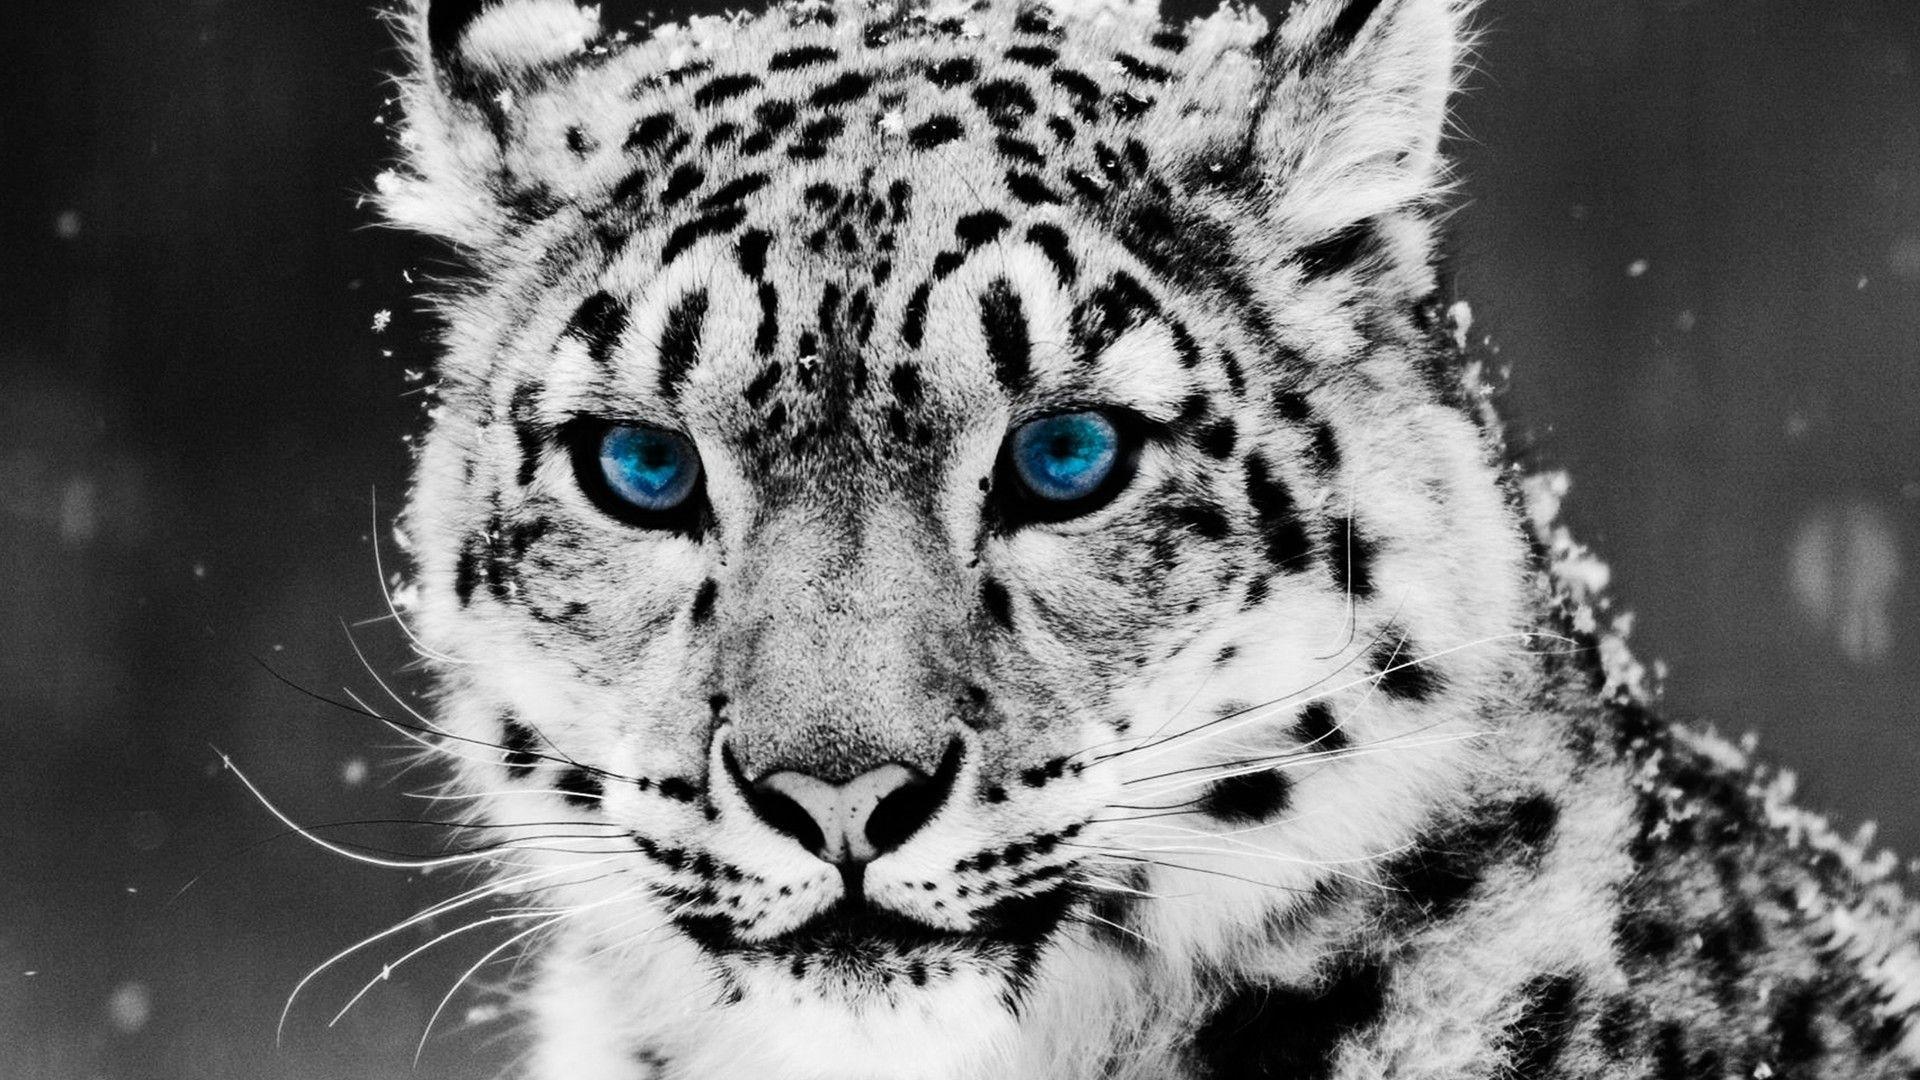 1920x1200 Free U003cbu003eWhite Tiger Wallpaperu003c/bu003e